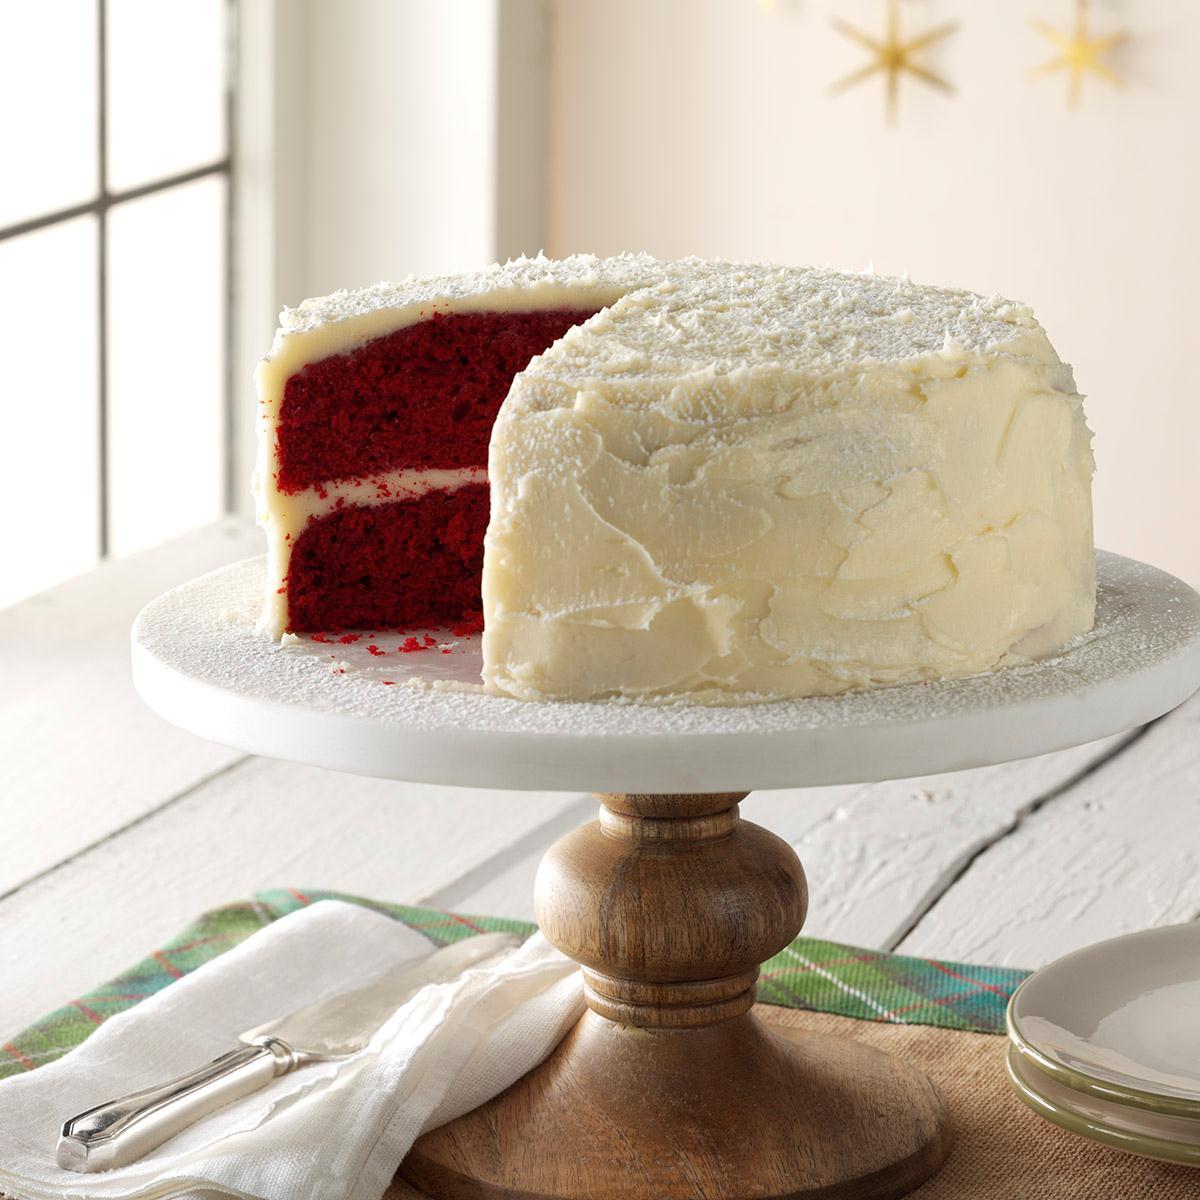 Grandma S Red Velvet Cake Recipe How To Make It Taste Of Home